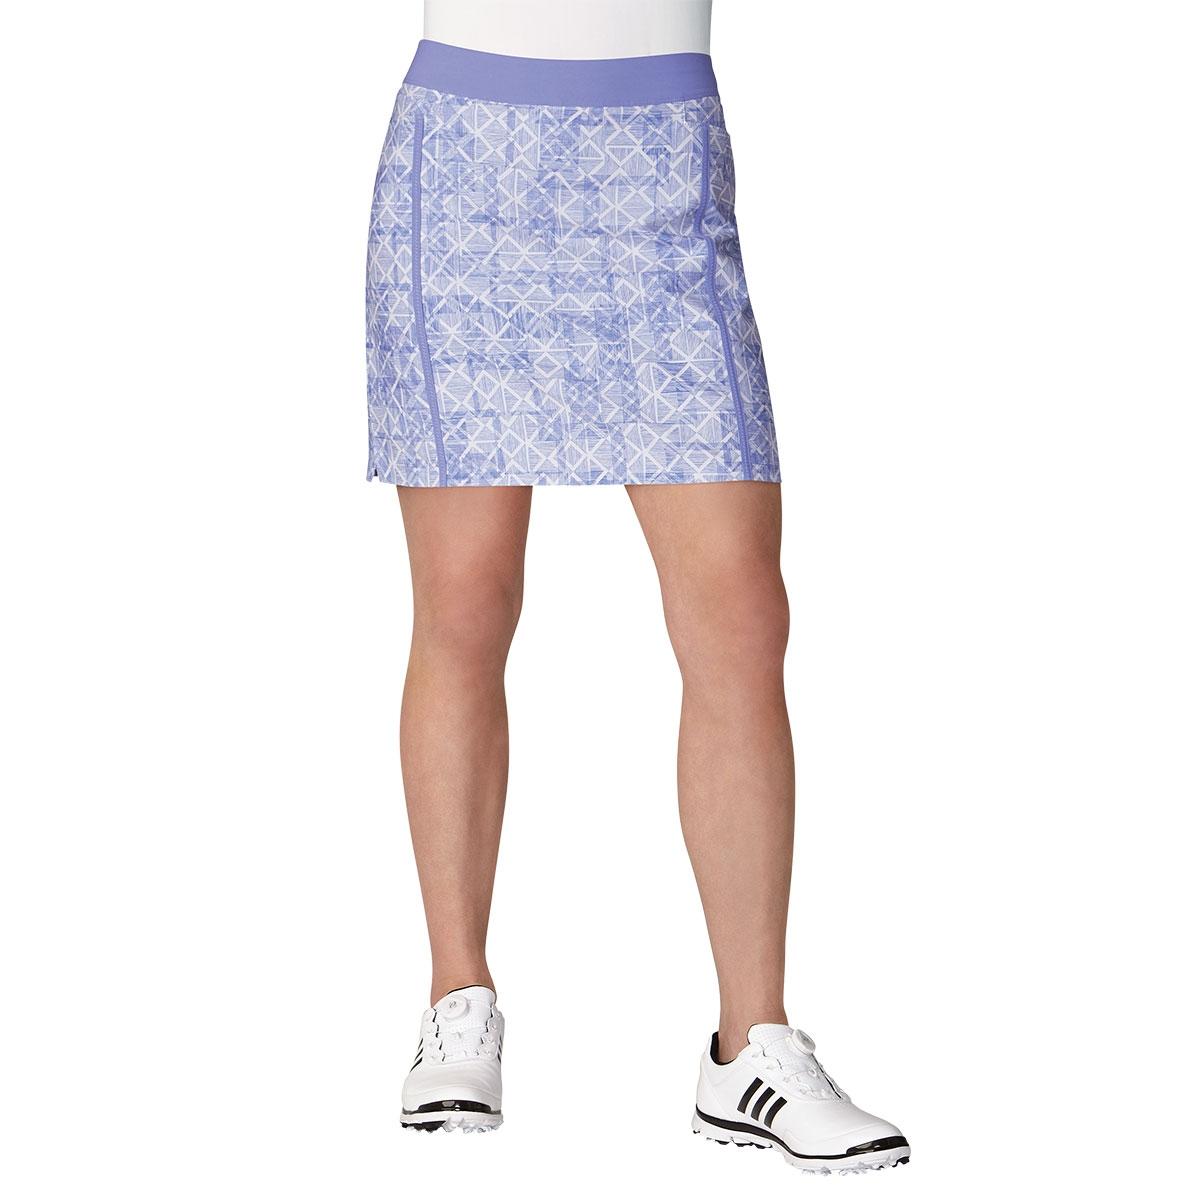 Adidas Womens Ultimate Adistar Printed Skort - Purple